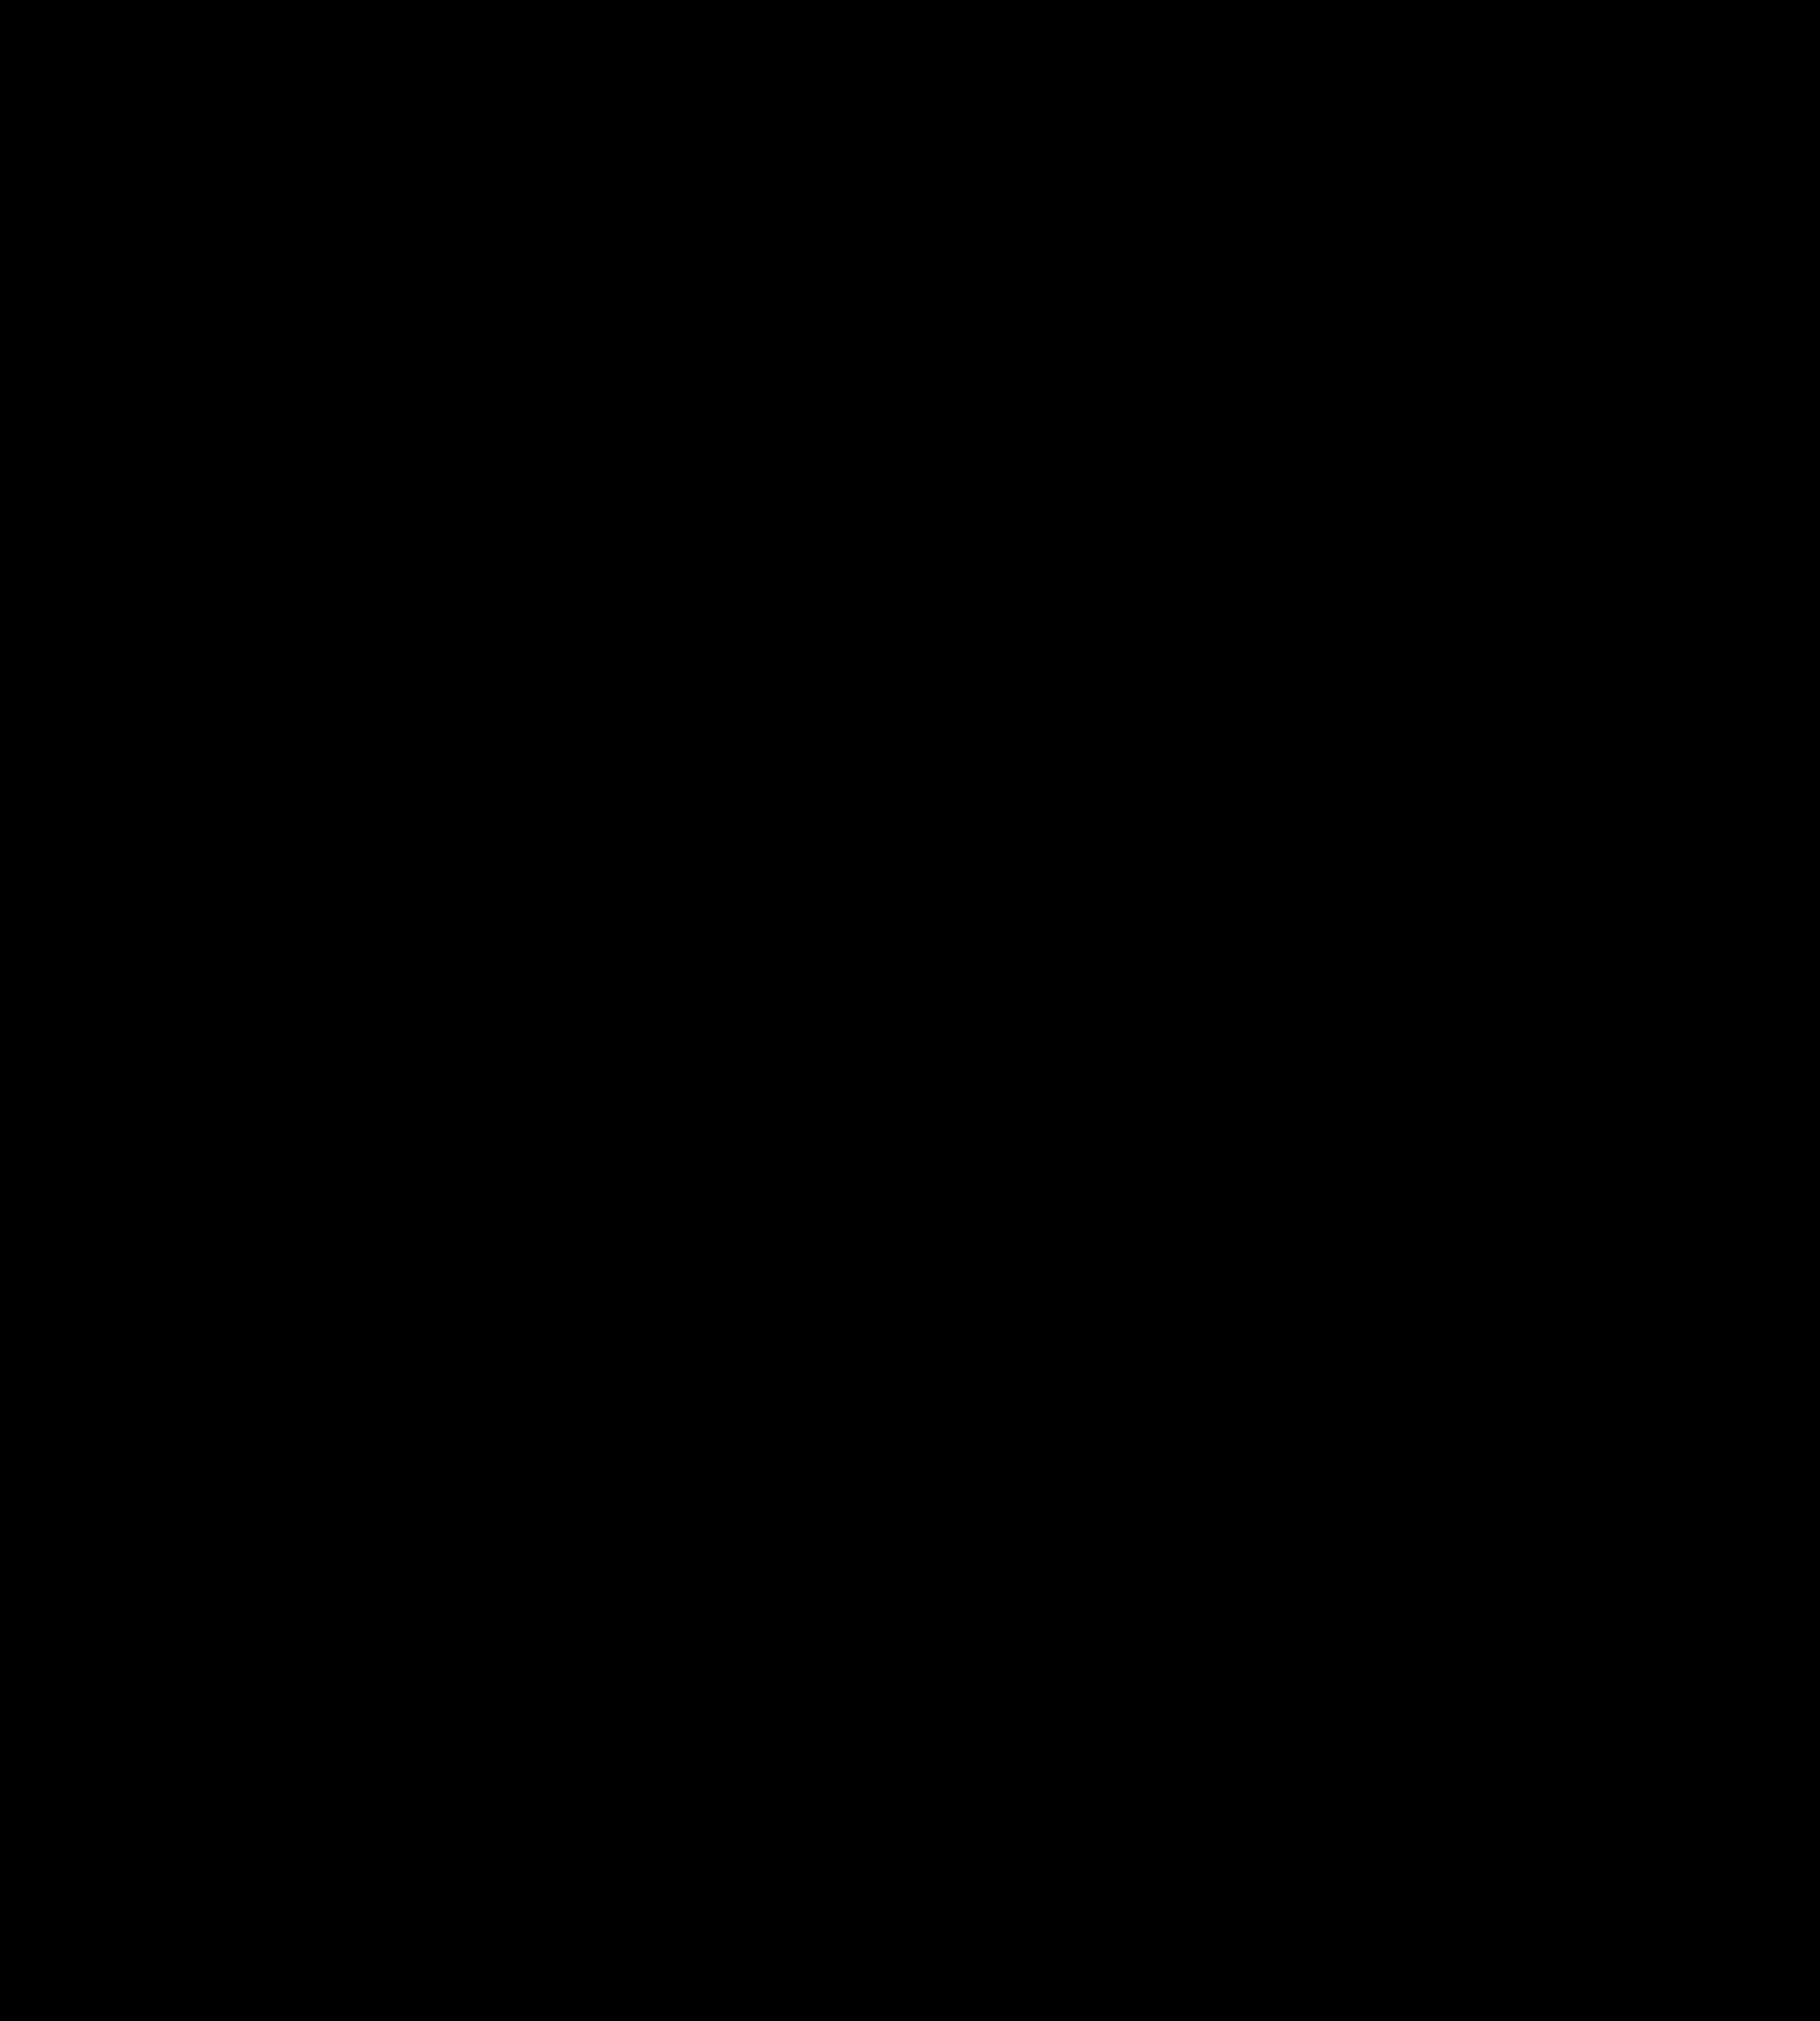 Inga Plönnigs, type design Quiper